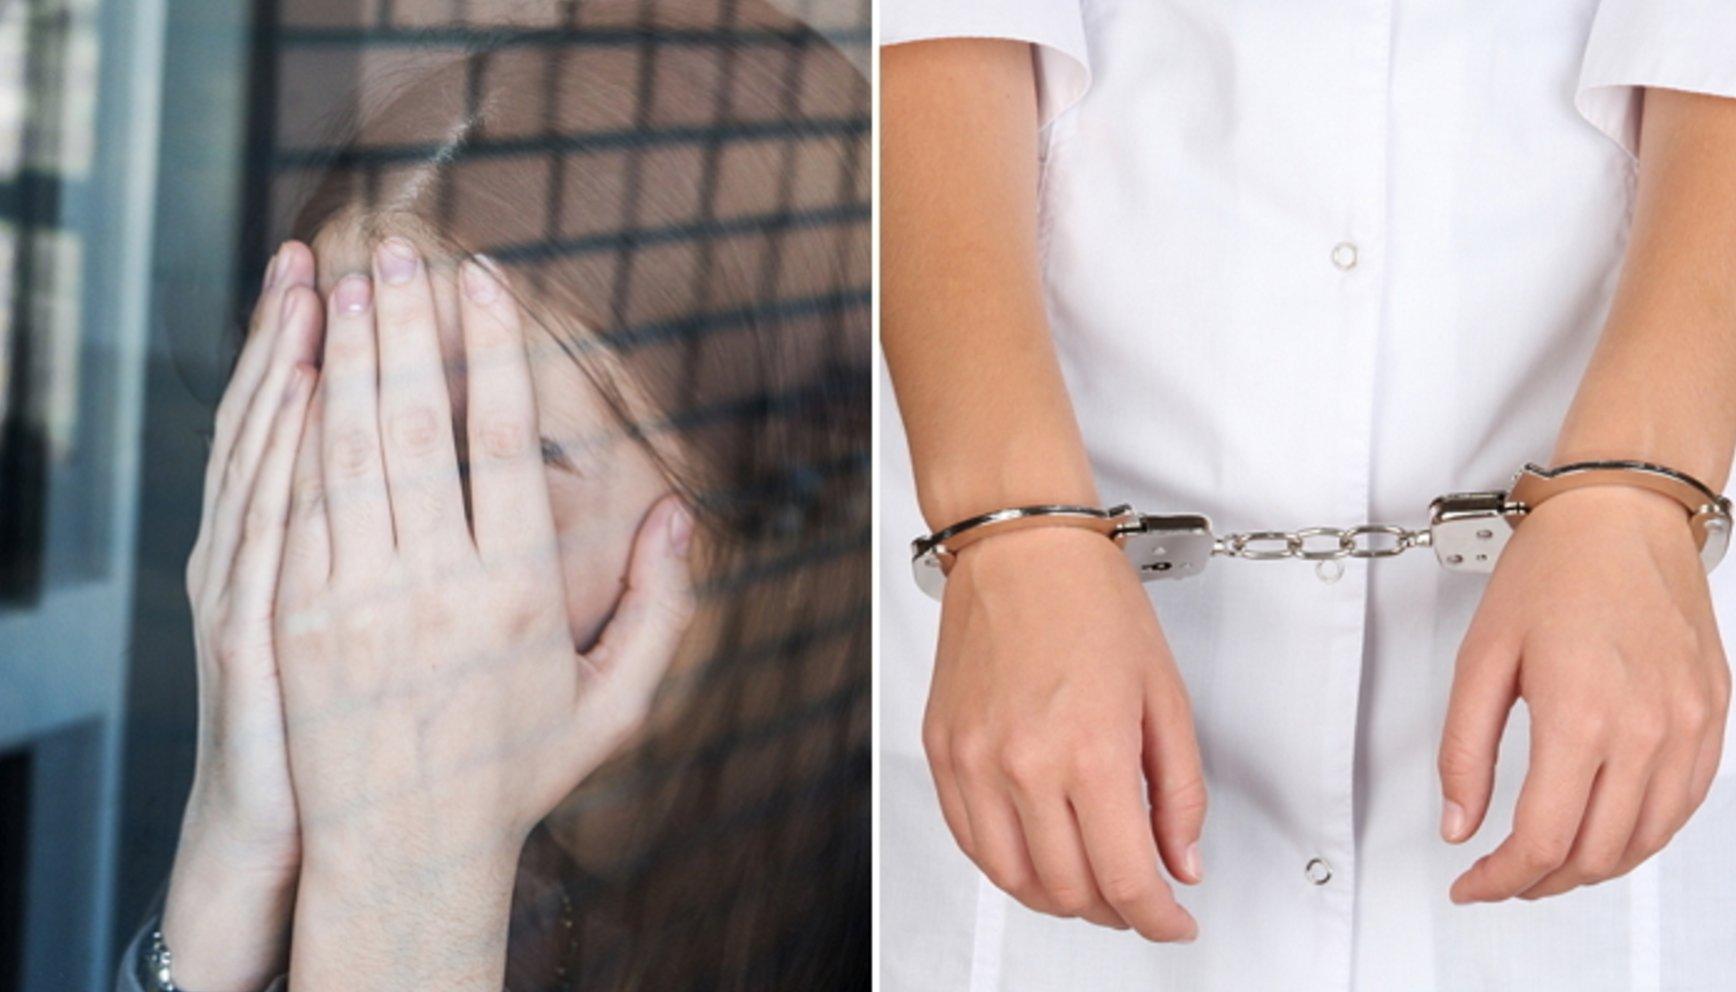 ec9584ec9db43 - 조폭에게 '집단 성폭행'당하고도 징역 '30년' 받은 10대 소녀